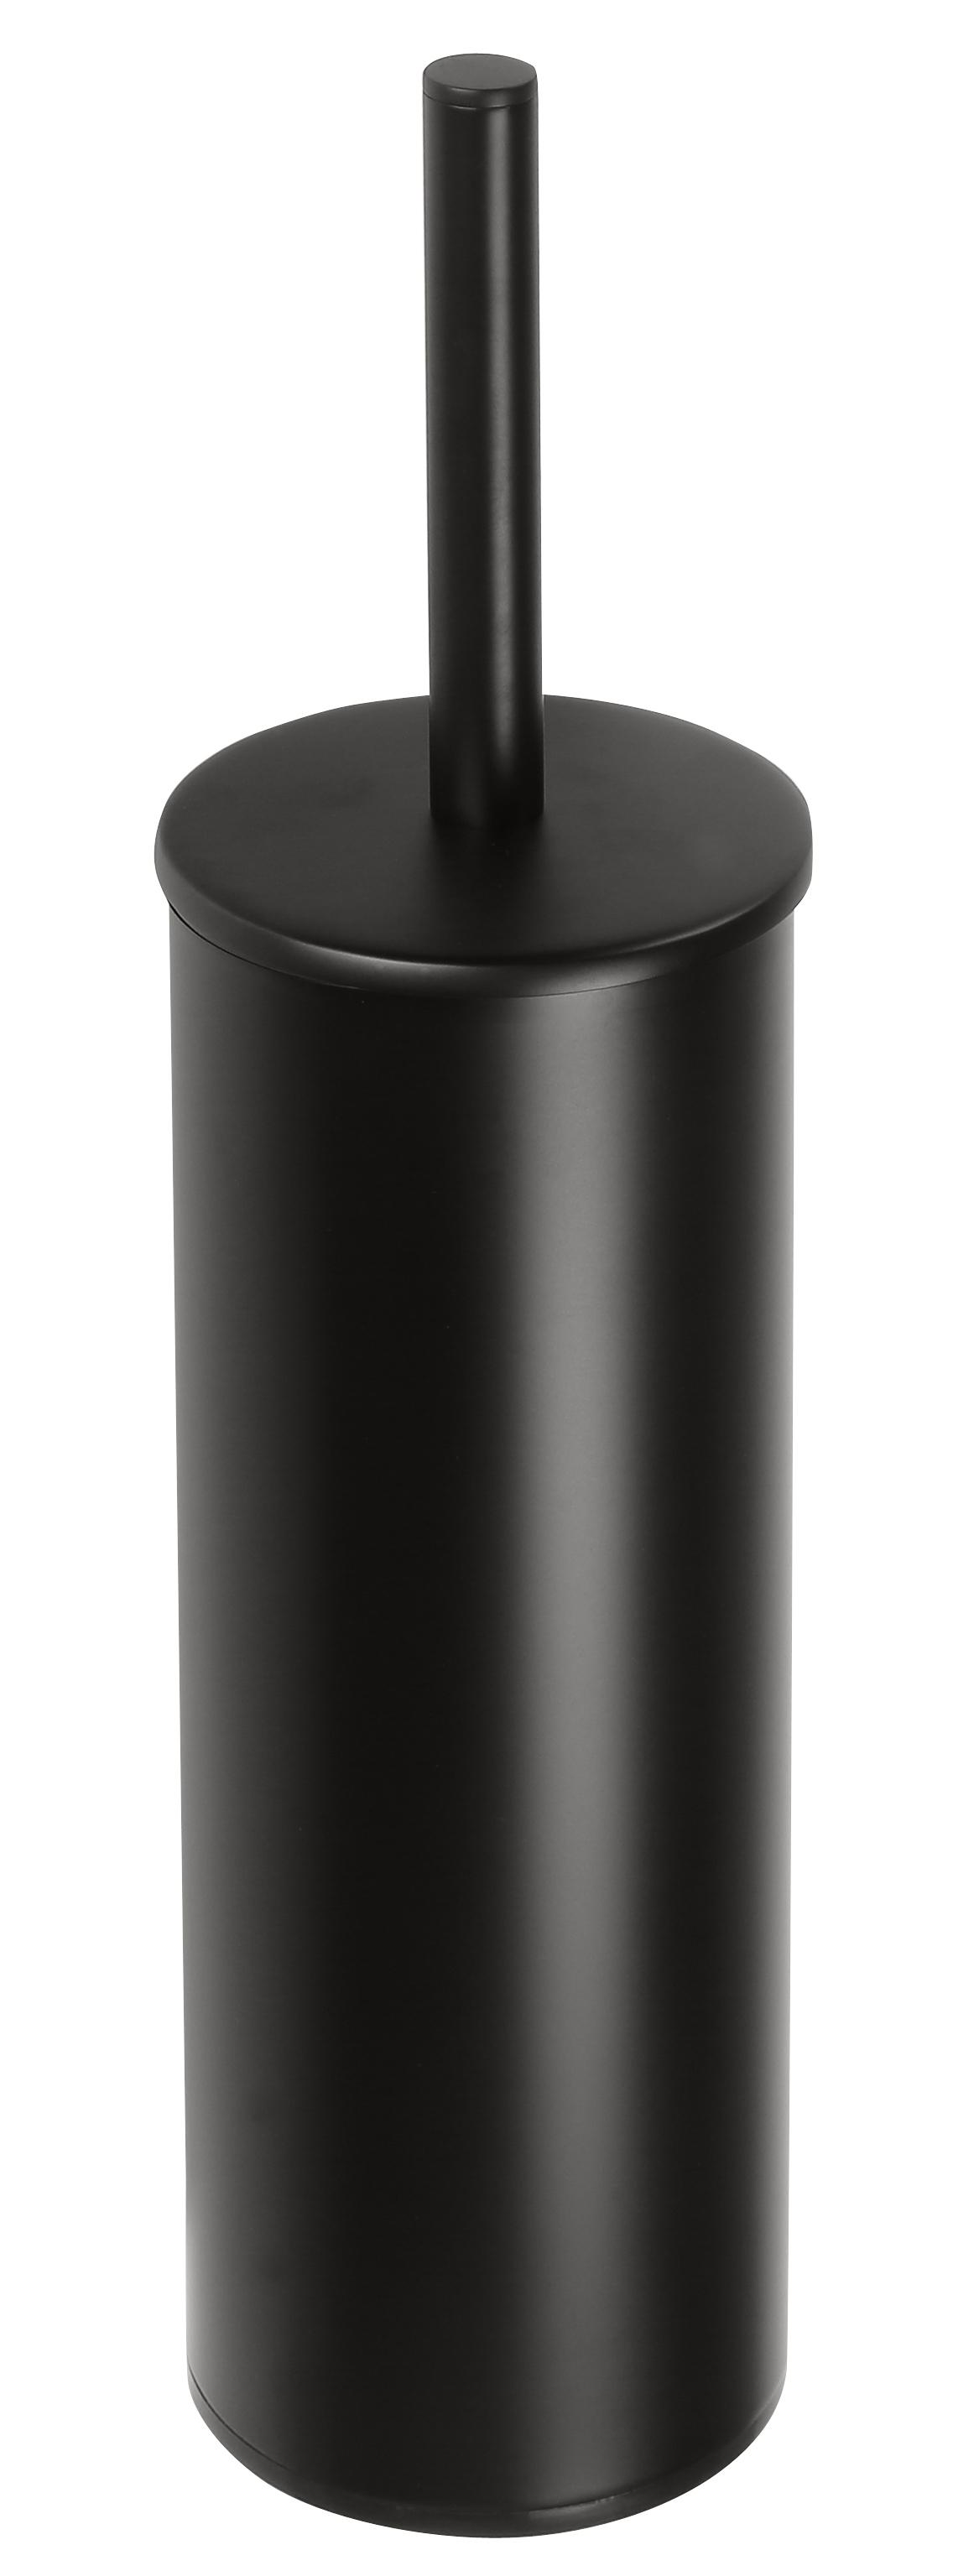 Ёршик металл подвесной/напольный, щётка черная